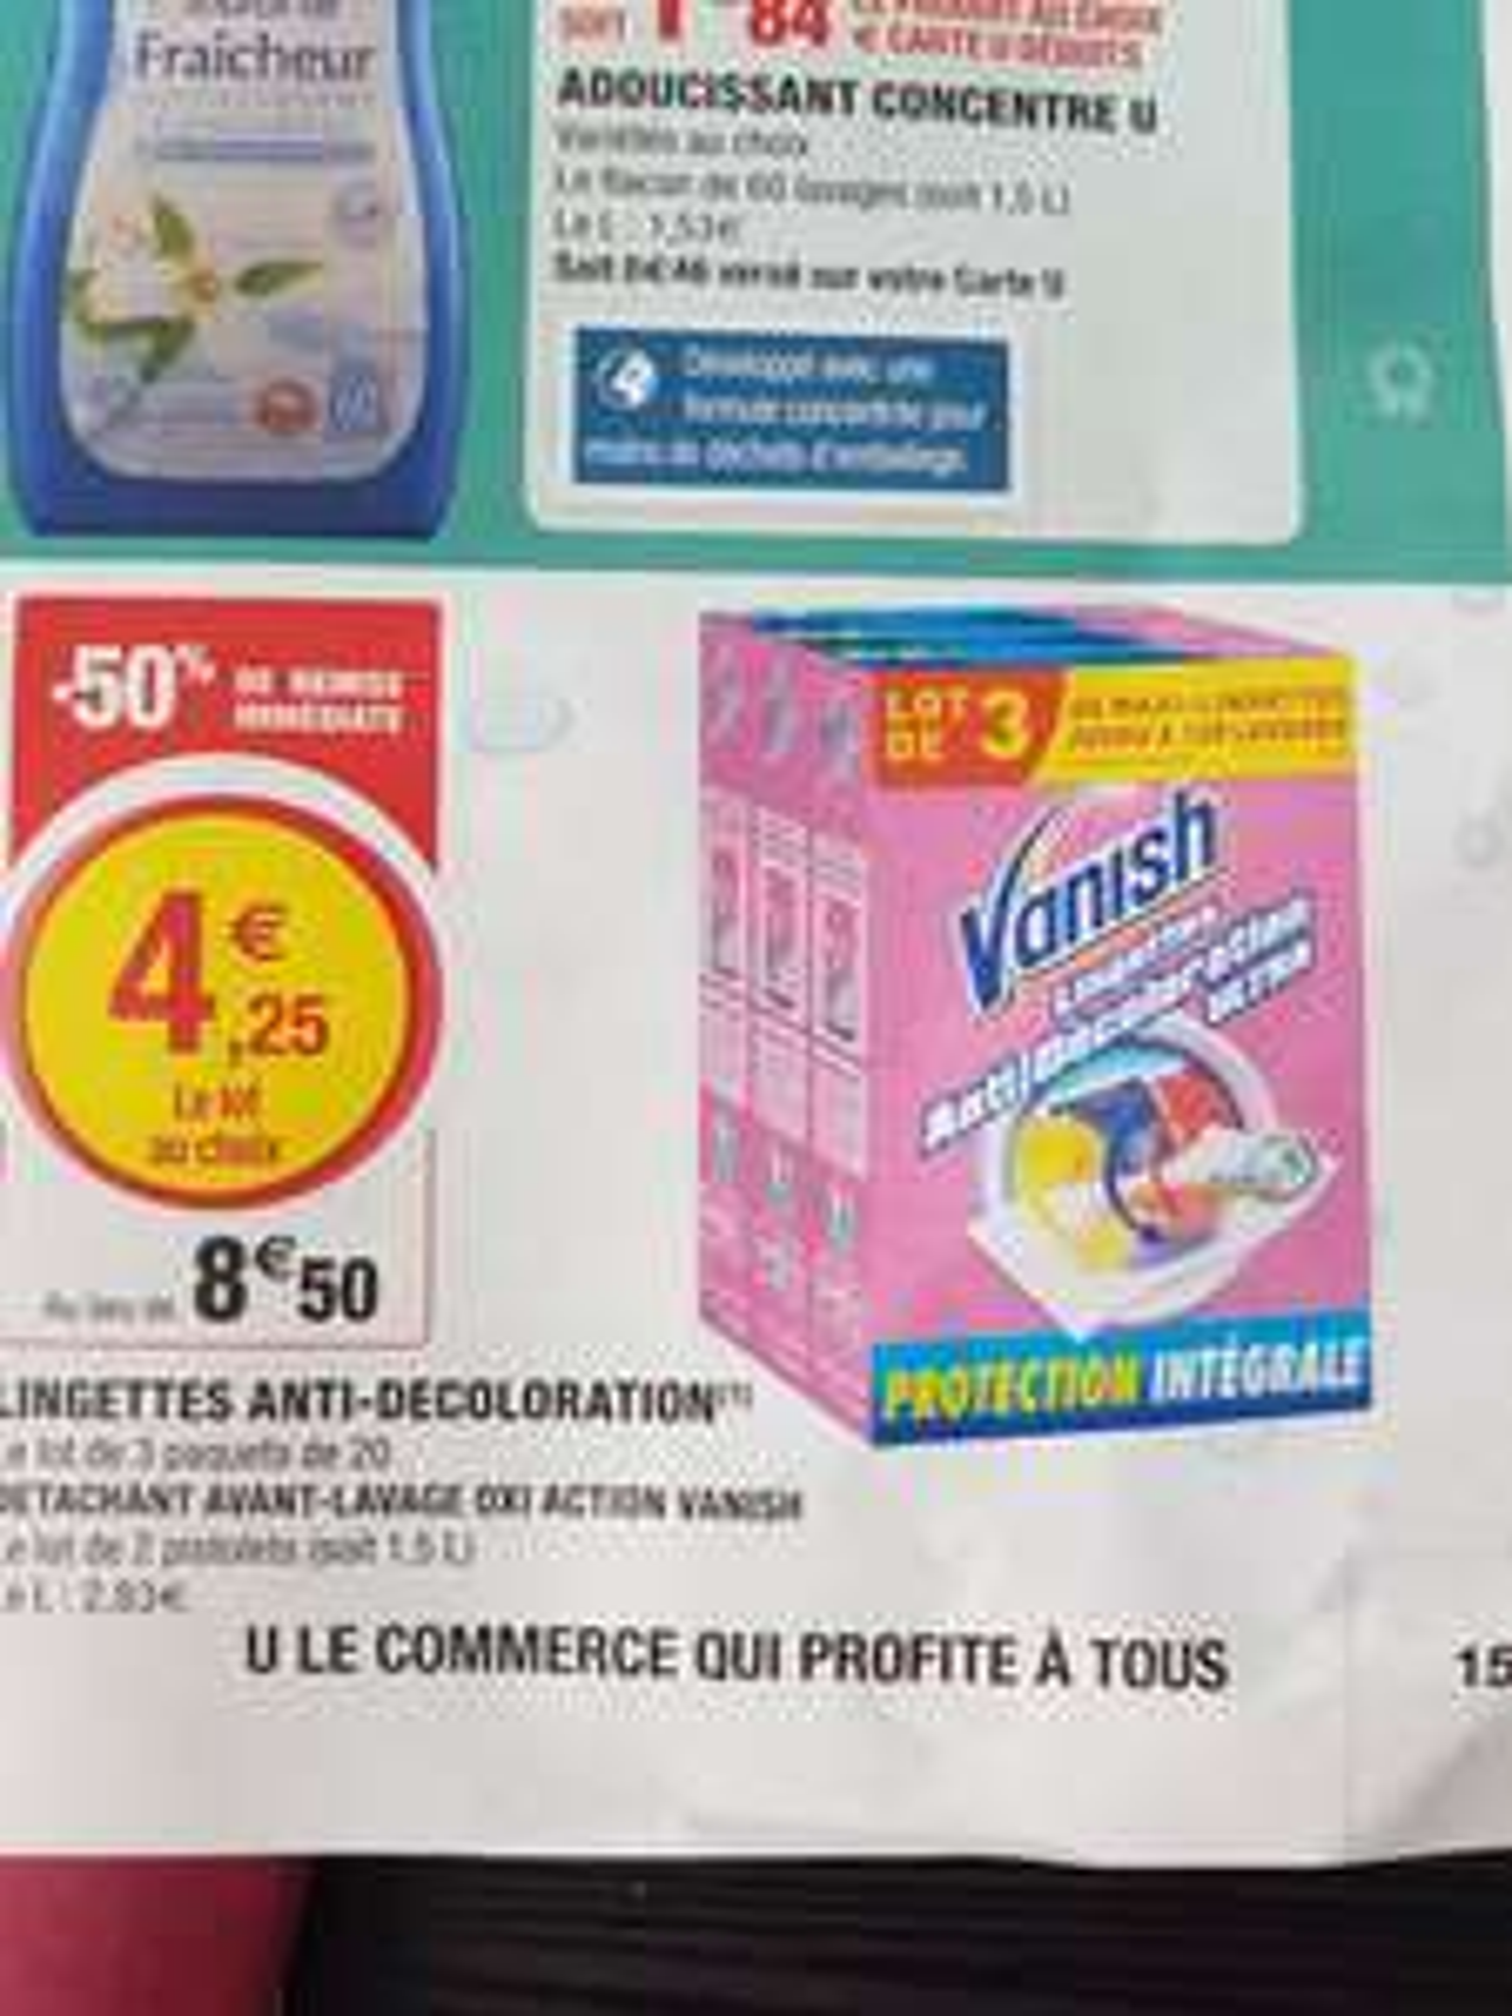 Lot de 3 paquets de 60 lingettes anti-décoloration Vanish Ultra Protection Intégrale